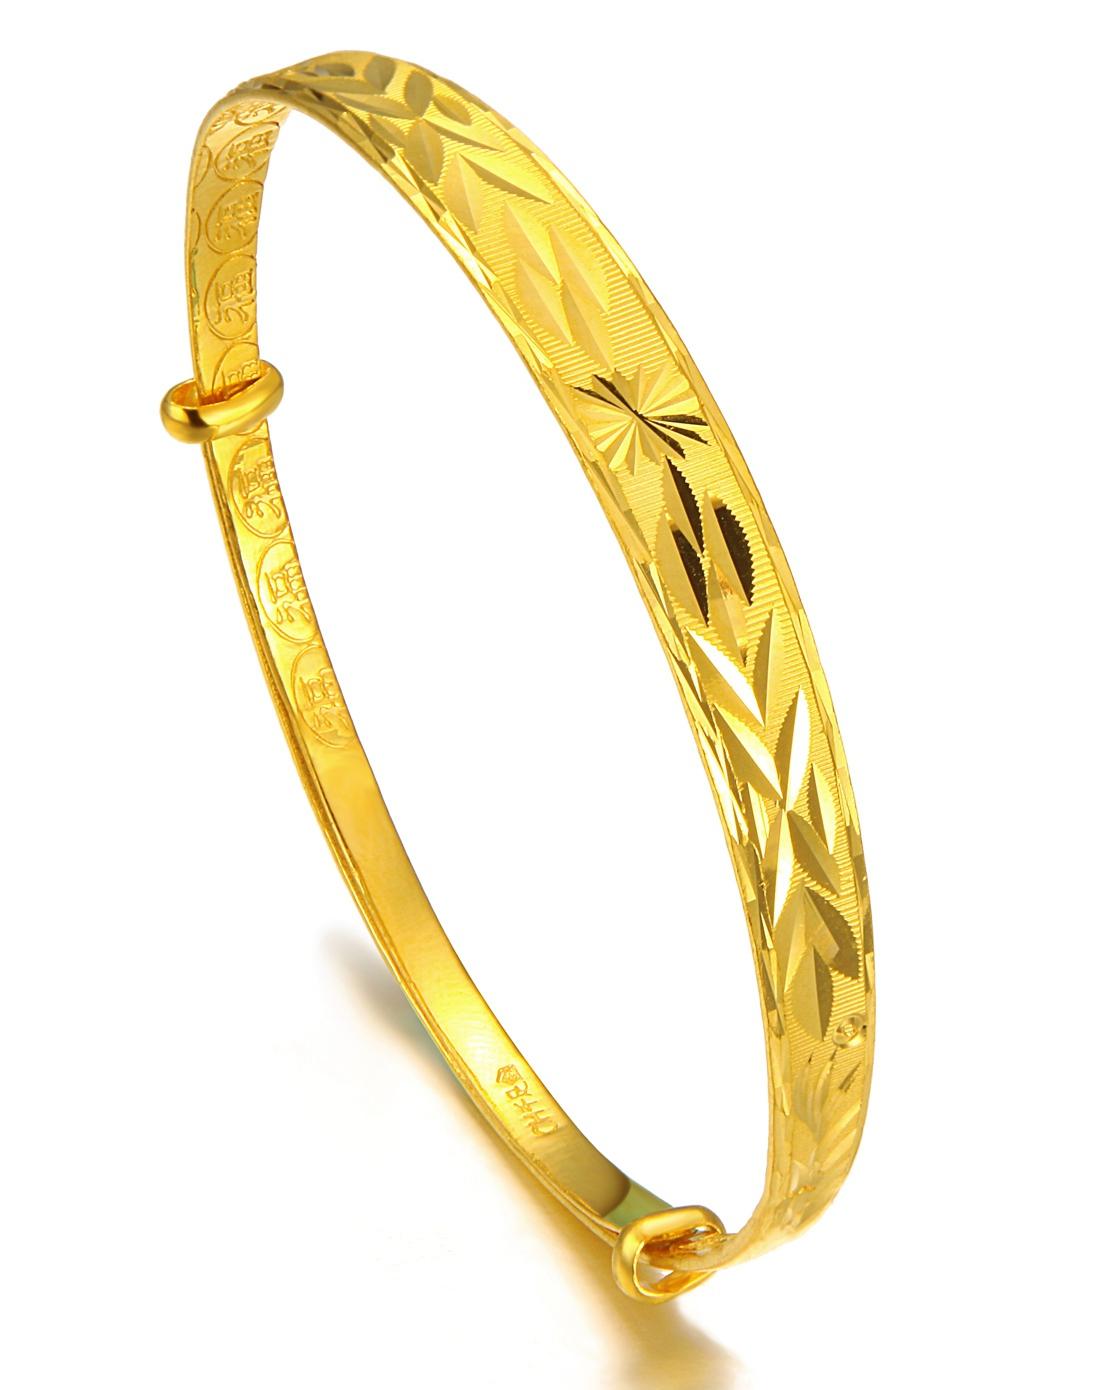 黄金手镯应该戴在哪只手好